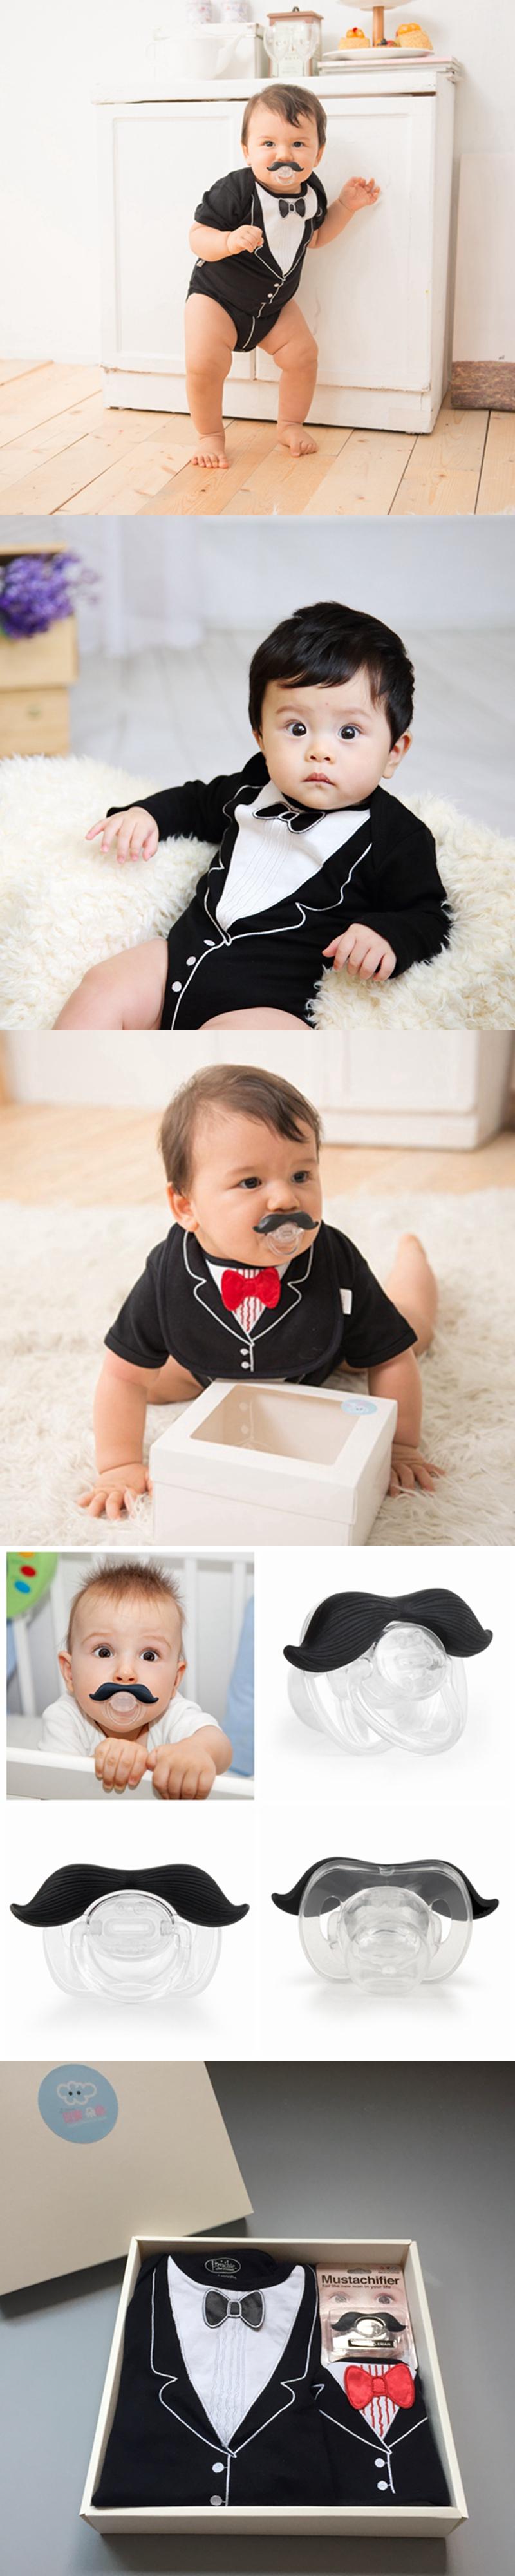 美國FMC X Hipsterkid 男嬰禮盒 - 李傲納多宴會版 (連身衣+圍兜+奶嘴) (6個月)